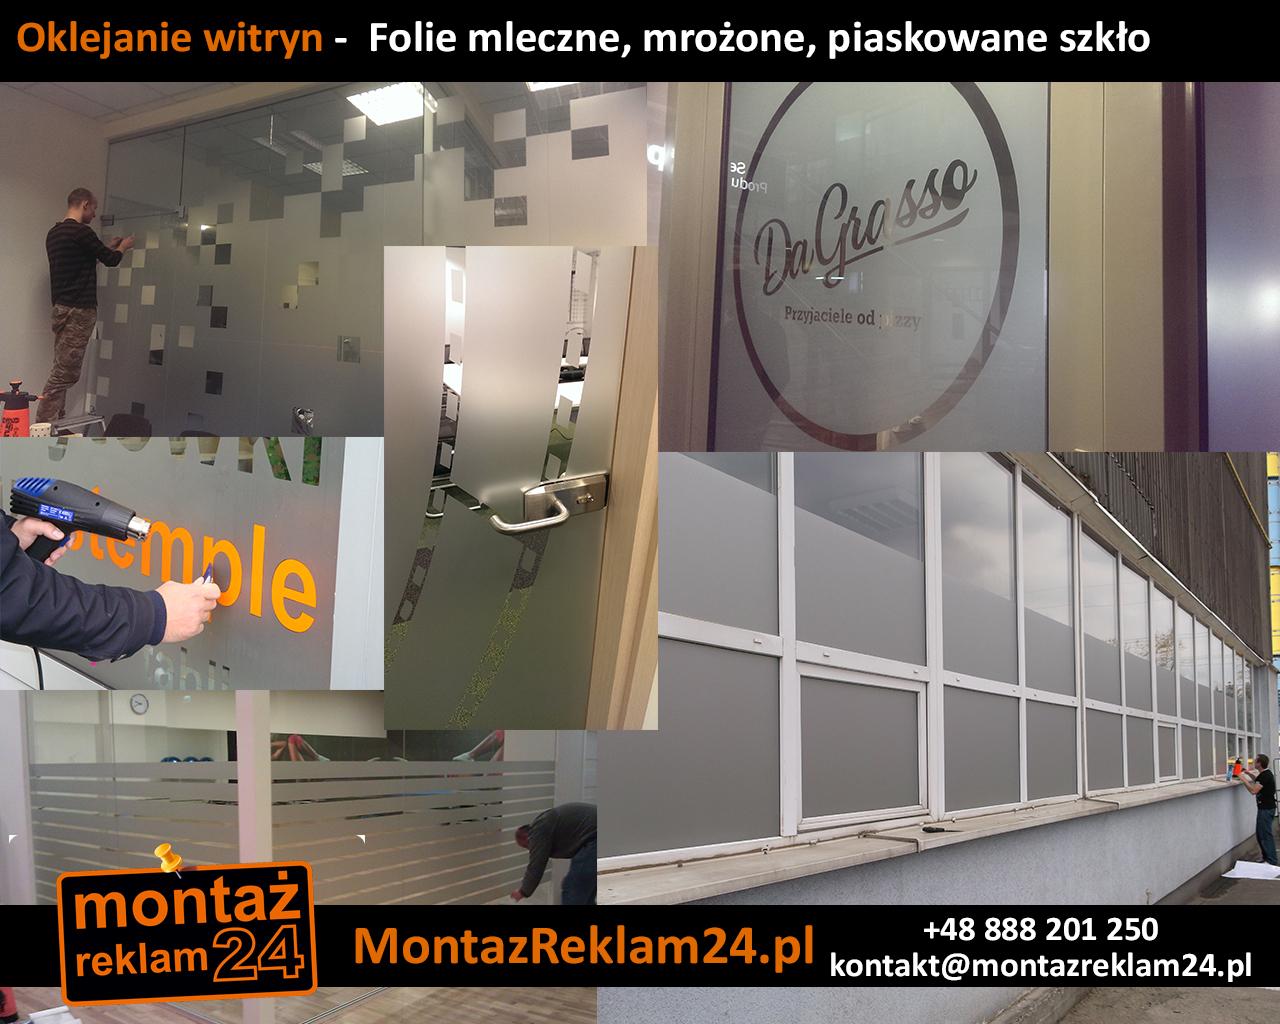 Oklejanie witryn -  Folie mleczne, mrożone, piaskowane szkło.jpg